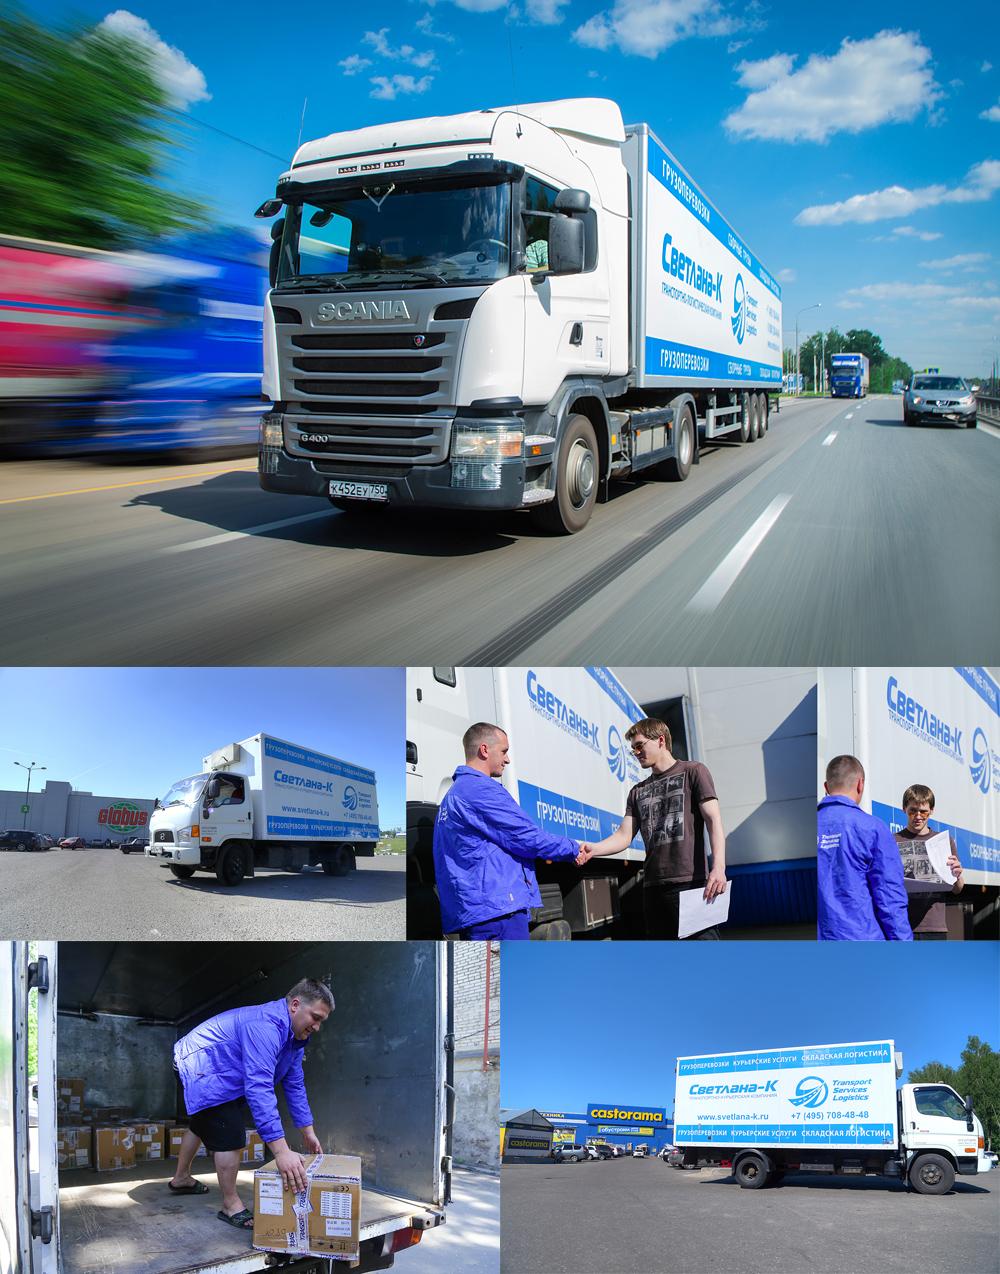 Фотосъемка транспорта компании (6 фото).